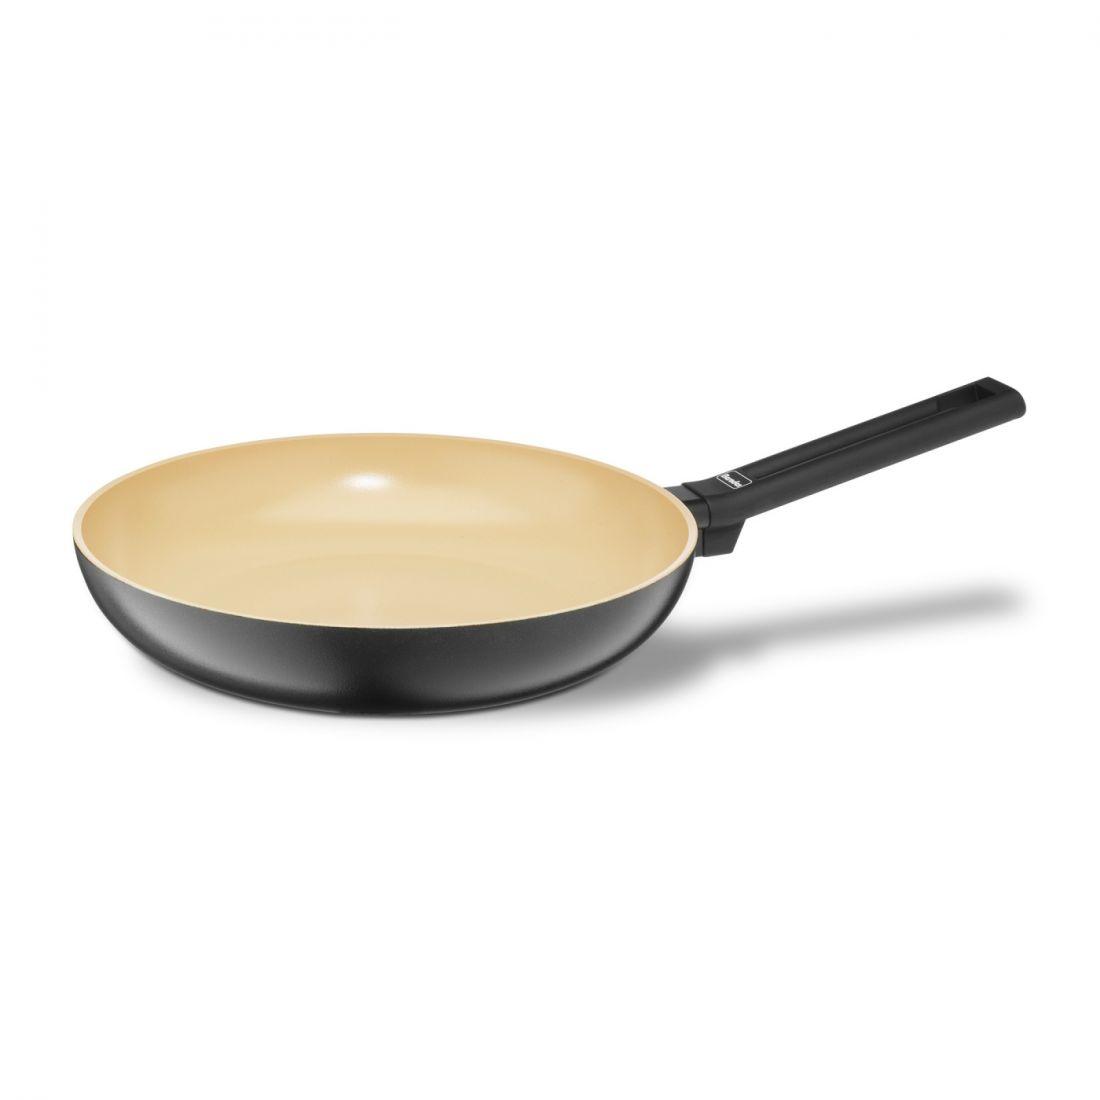 сковорода 28 - Berndes CERABASE TREND